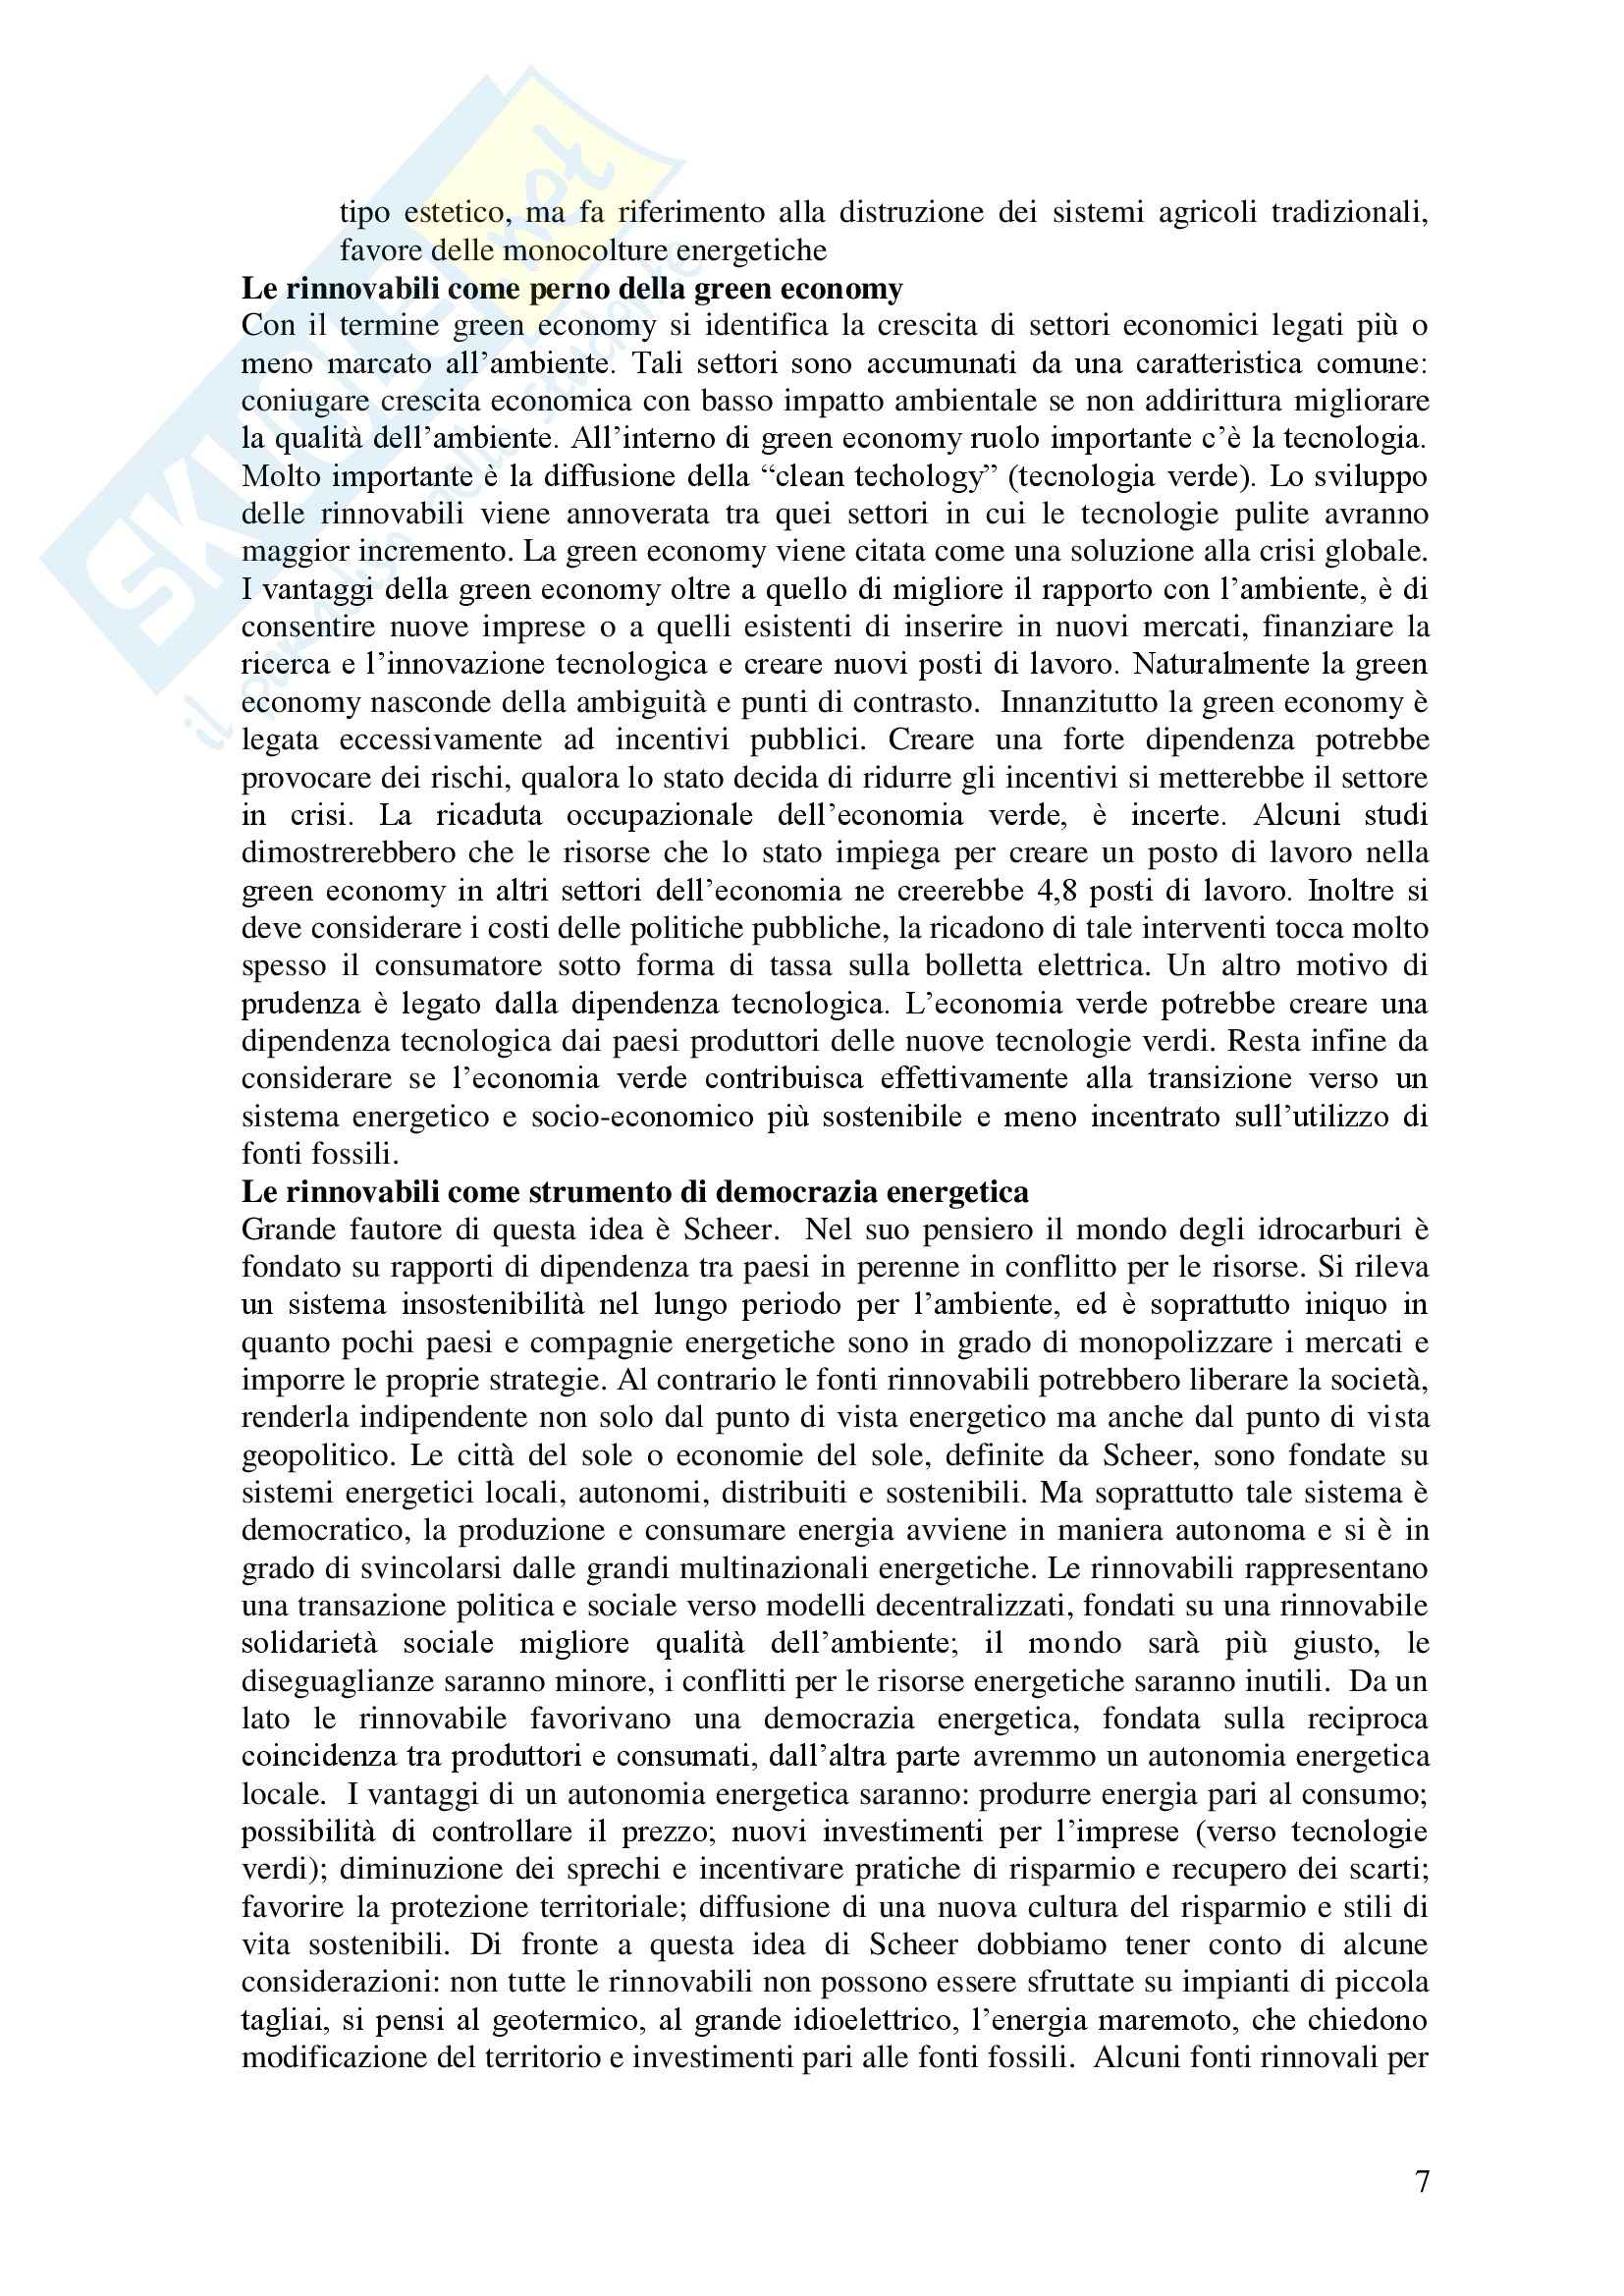 Riassunto esame Politiche del territorio e sostenibilità, libro adottato Geografia delle fonti rinnovabili, Puttili Pag. 6